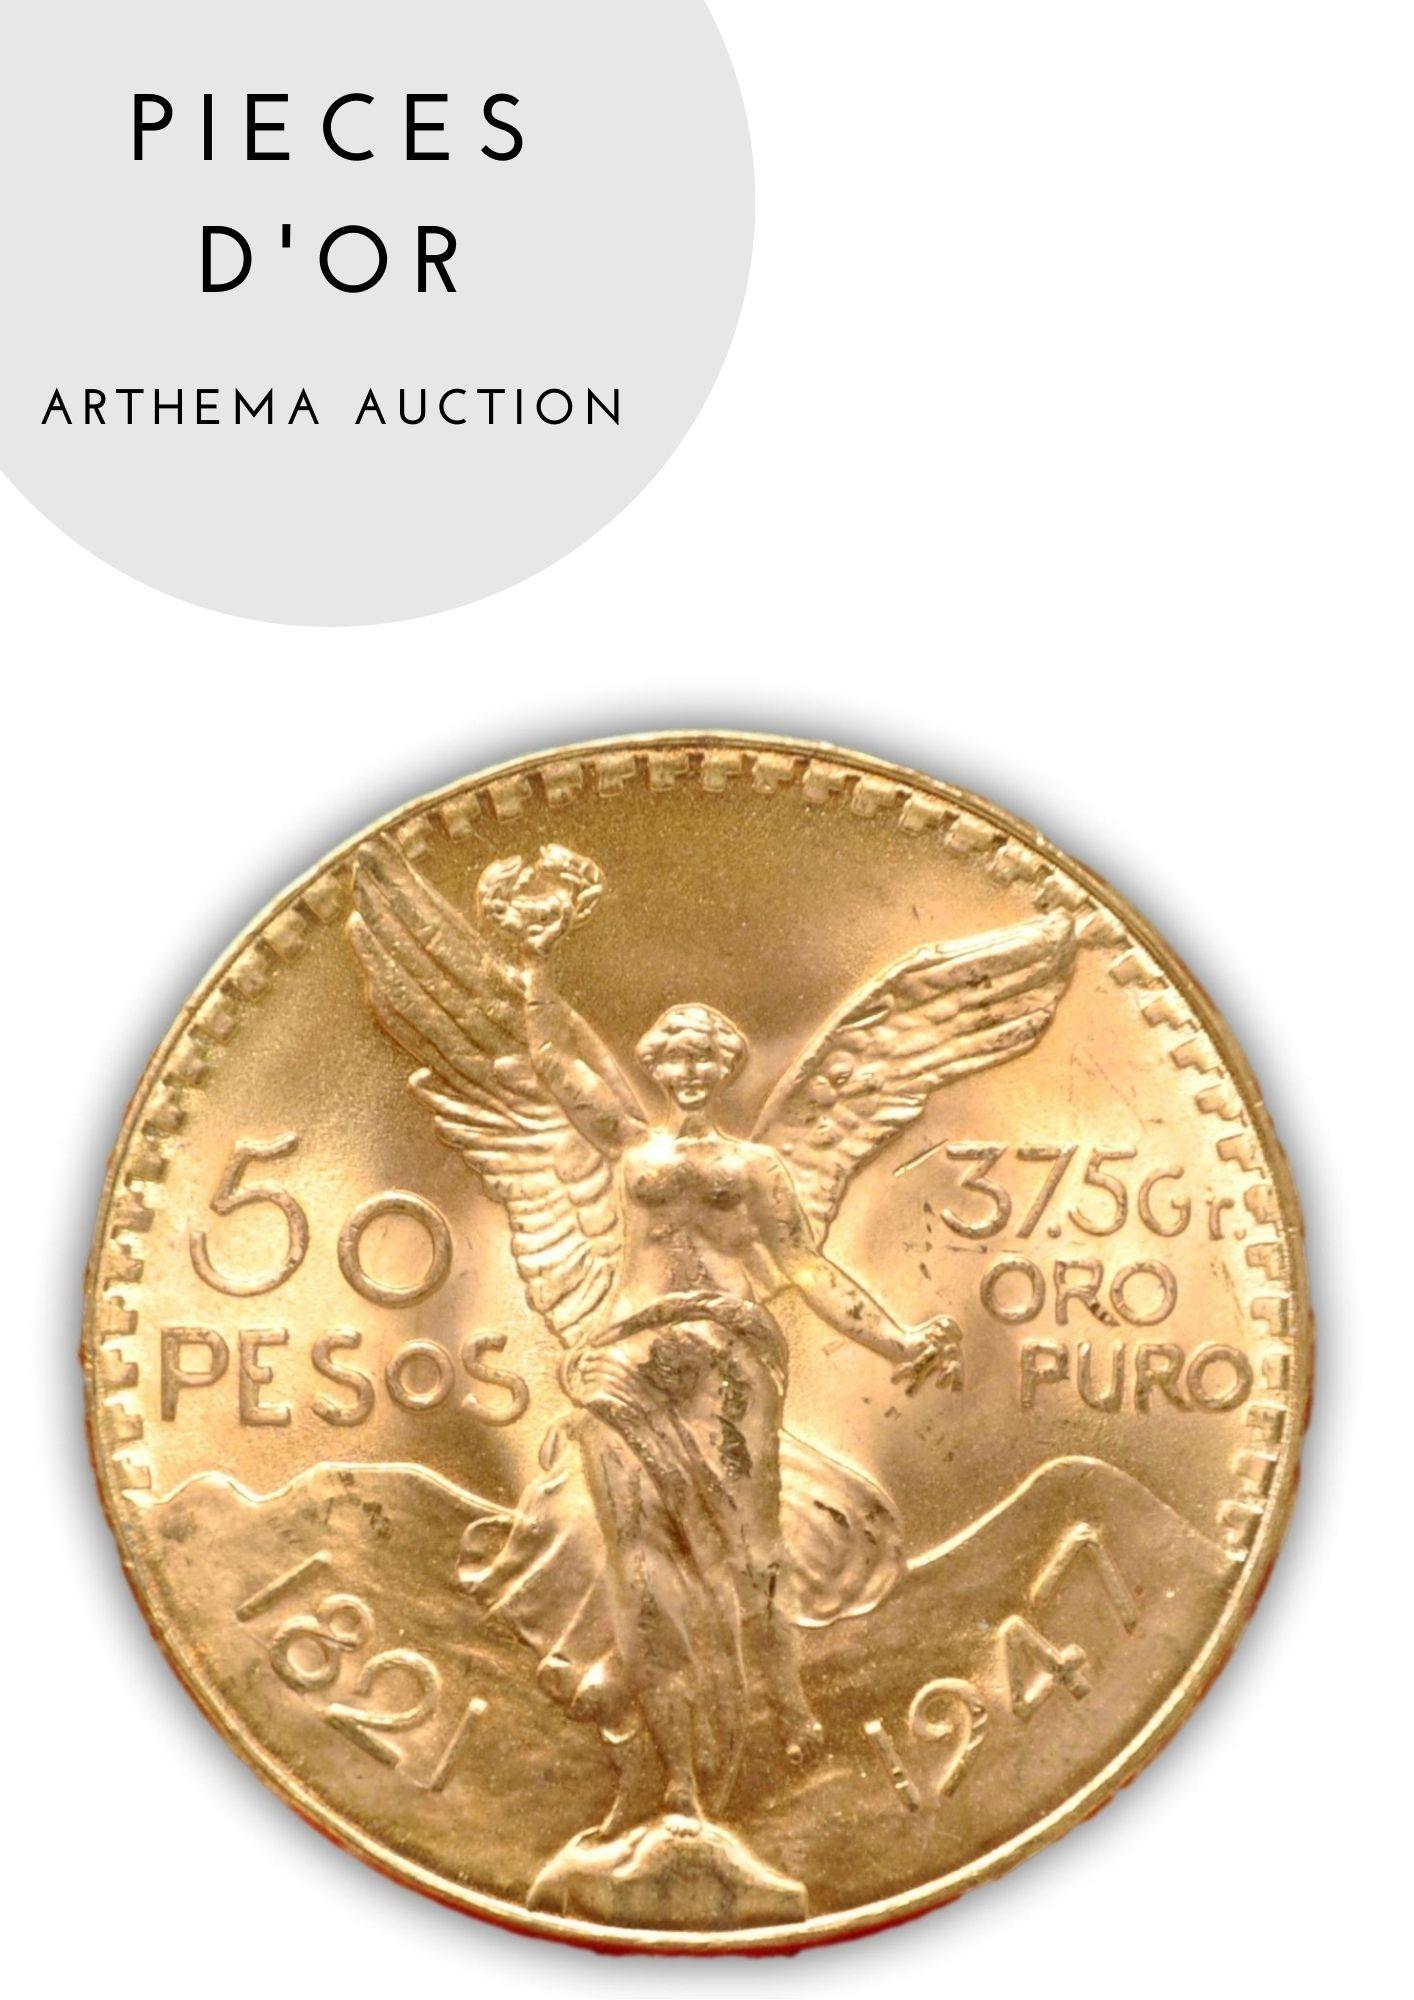 Vente Pièces d'Or chez Arthema Auction : 99 lots